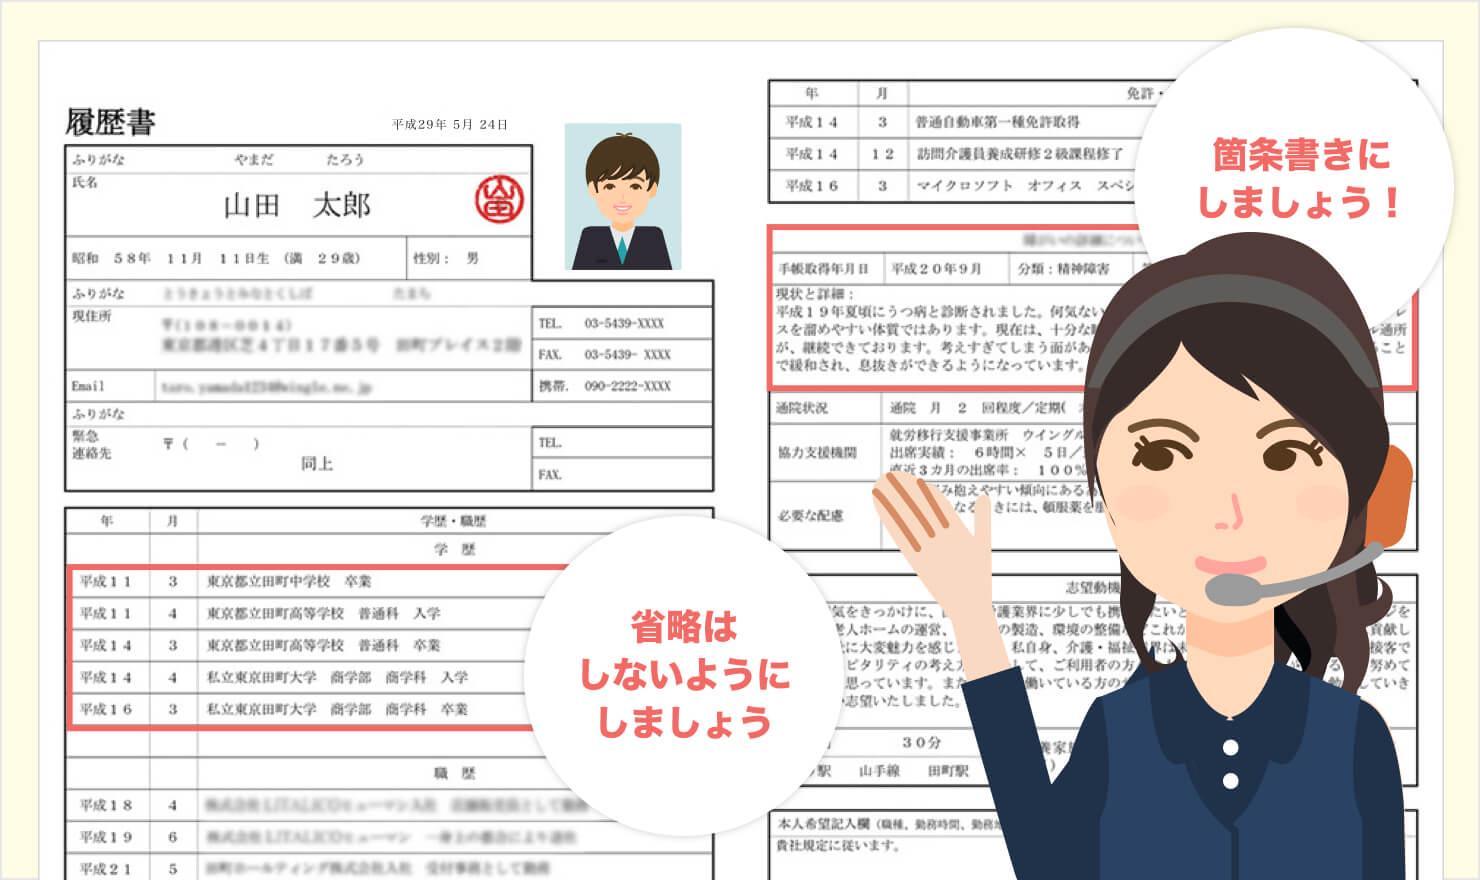 転職活動で履歴書と職務経歴書の添削が必要な理由